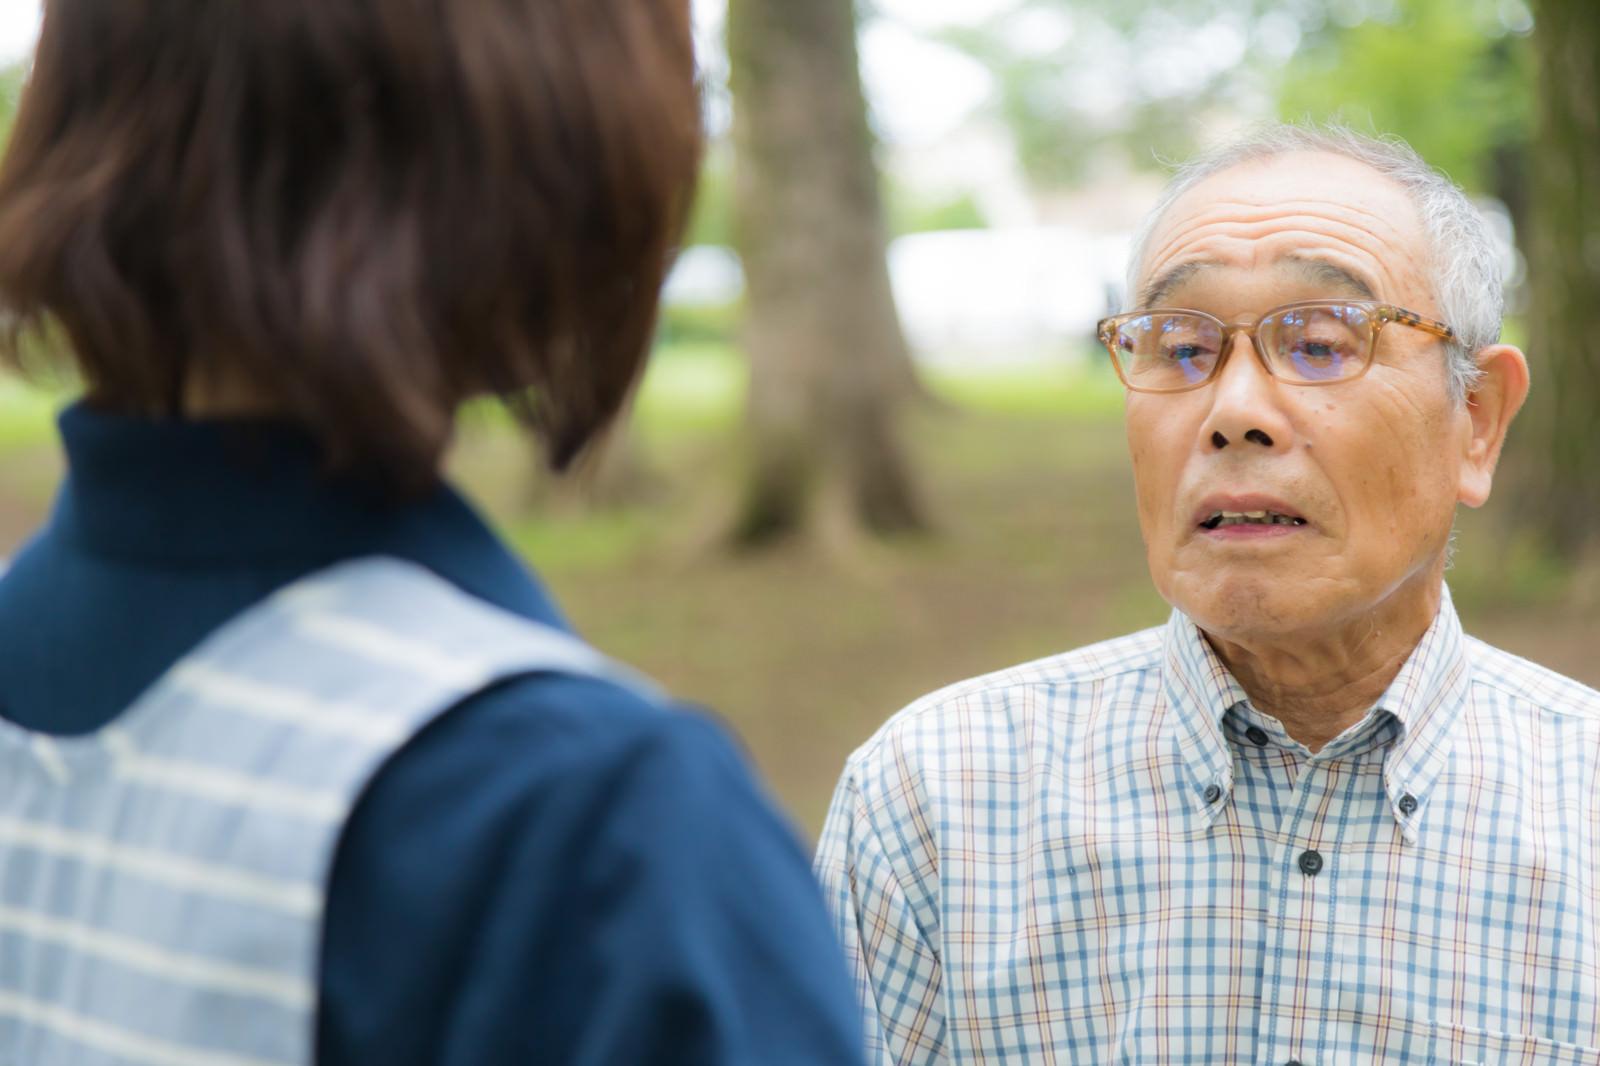 「お爺さんの話を聞く介護士」の写真[モデル:まーちゃん yumiko]